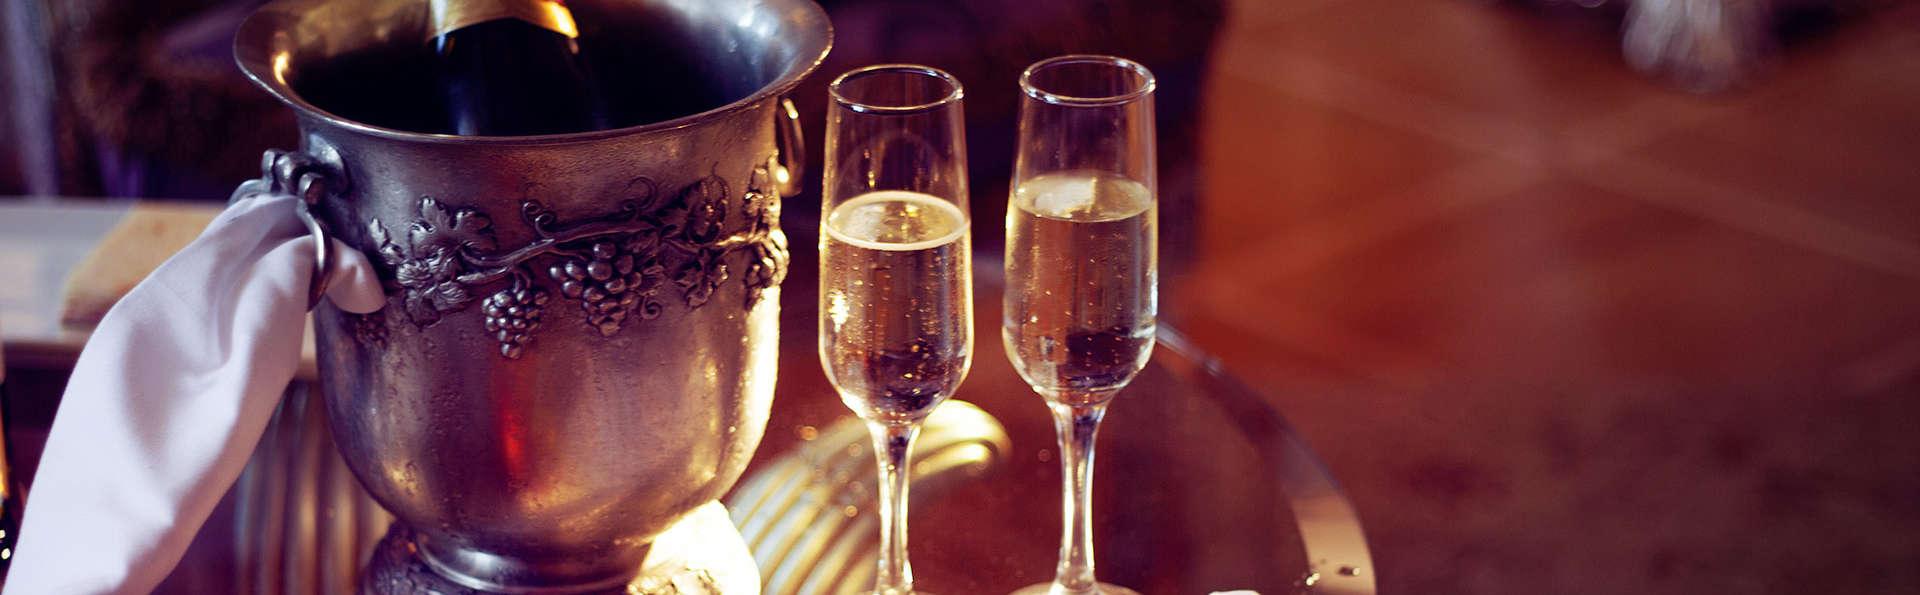 Séjour romantique et gourmand à Carcassonne